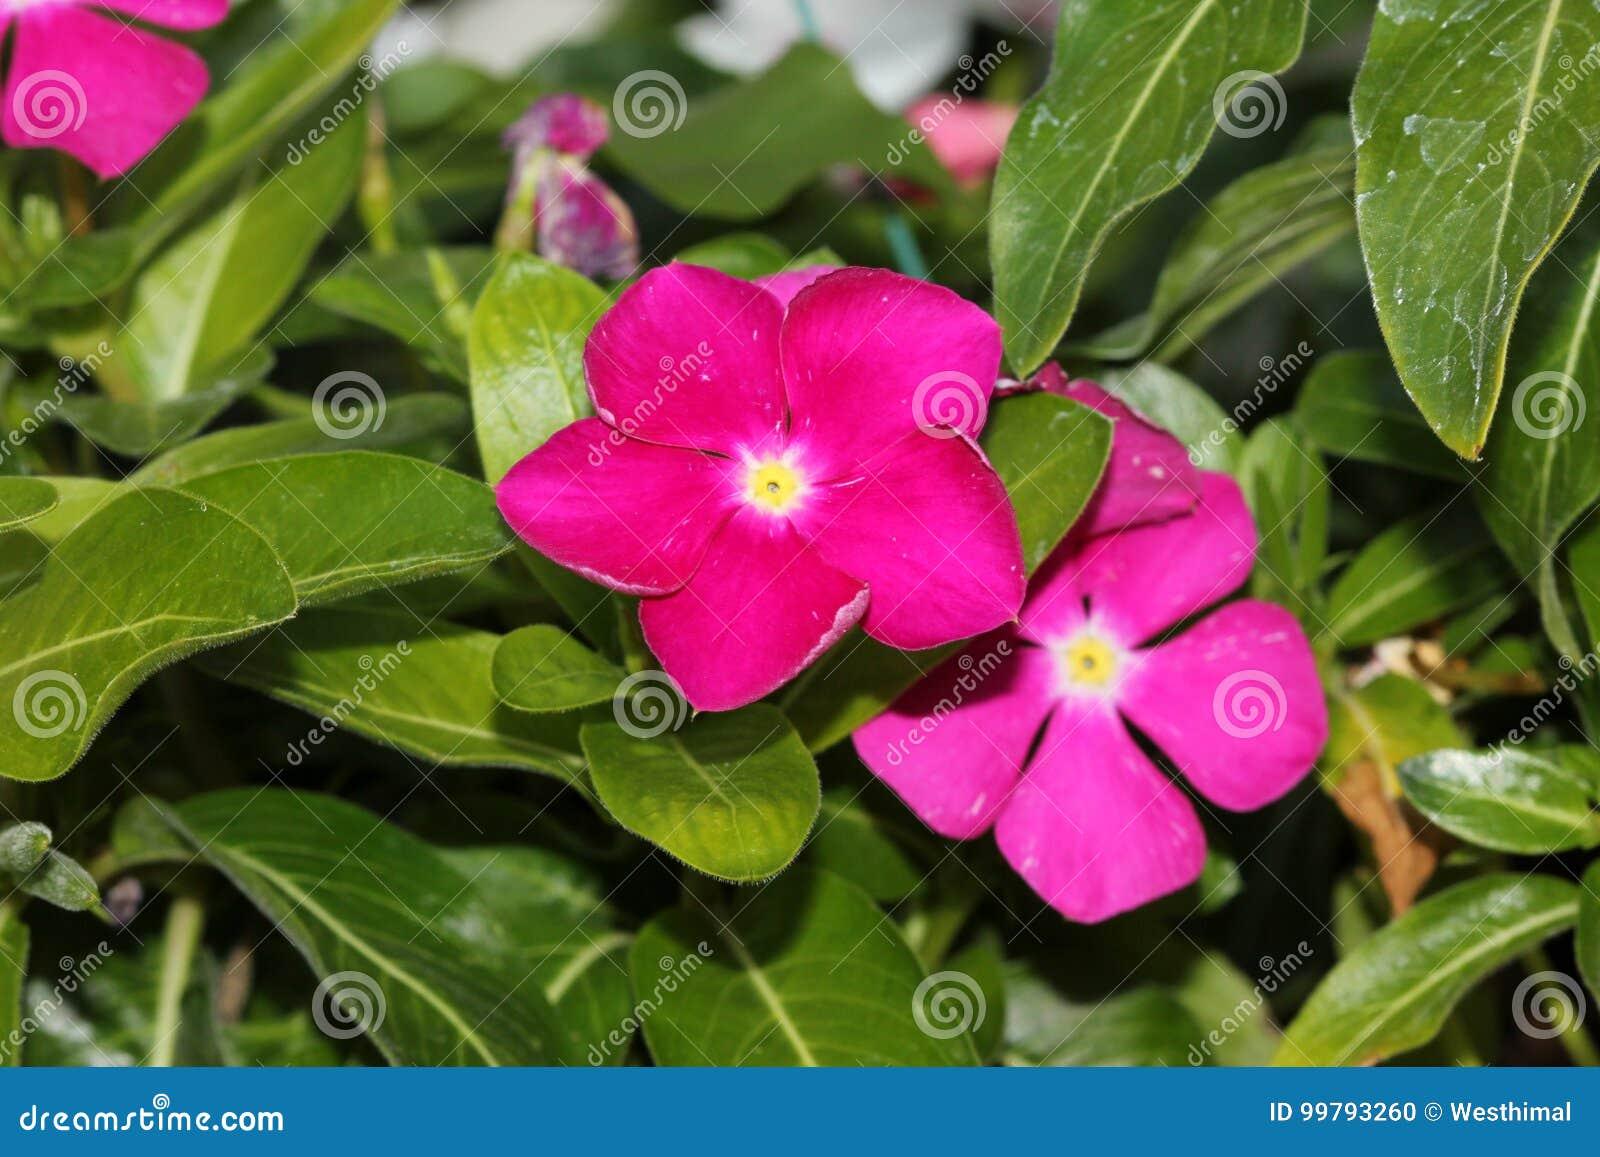 Catharanthus Roseus Magenta, Madagascar Periwinkle, Vinca ...